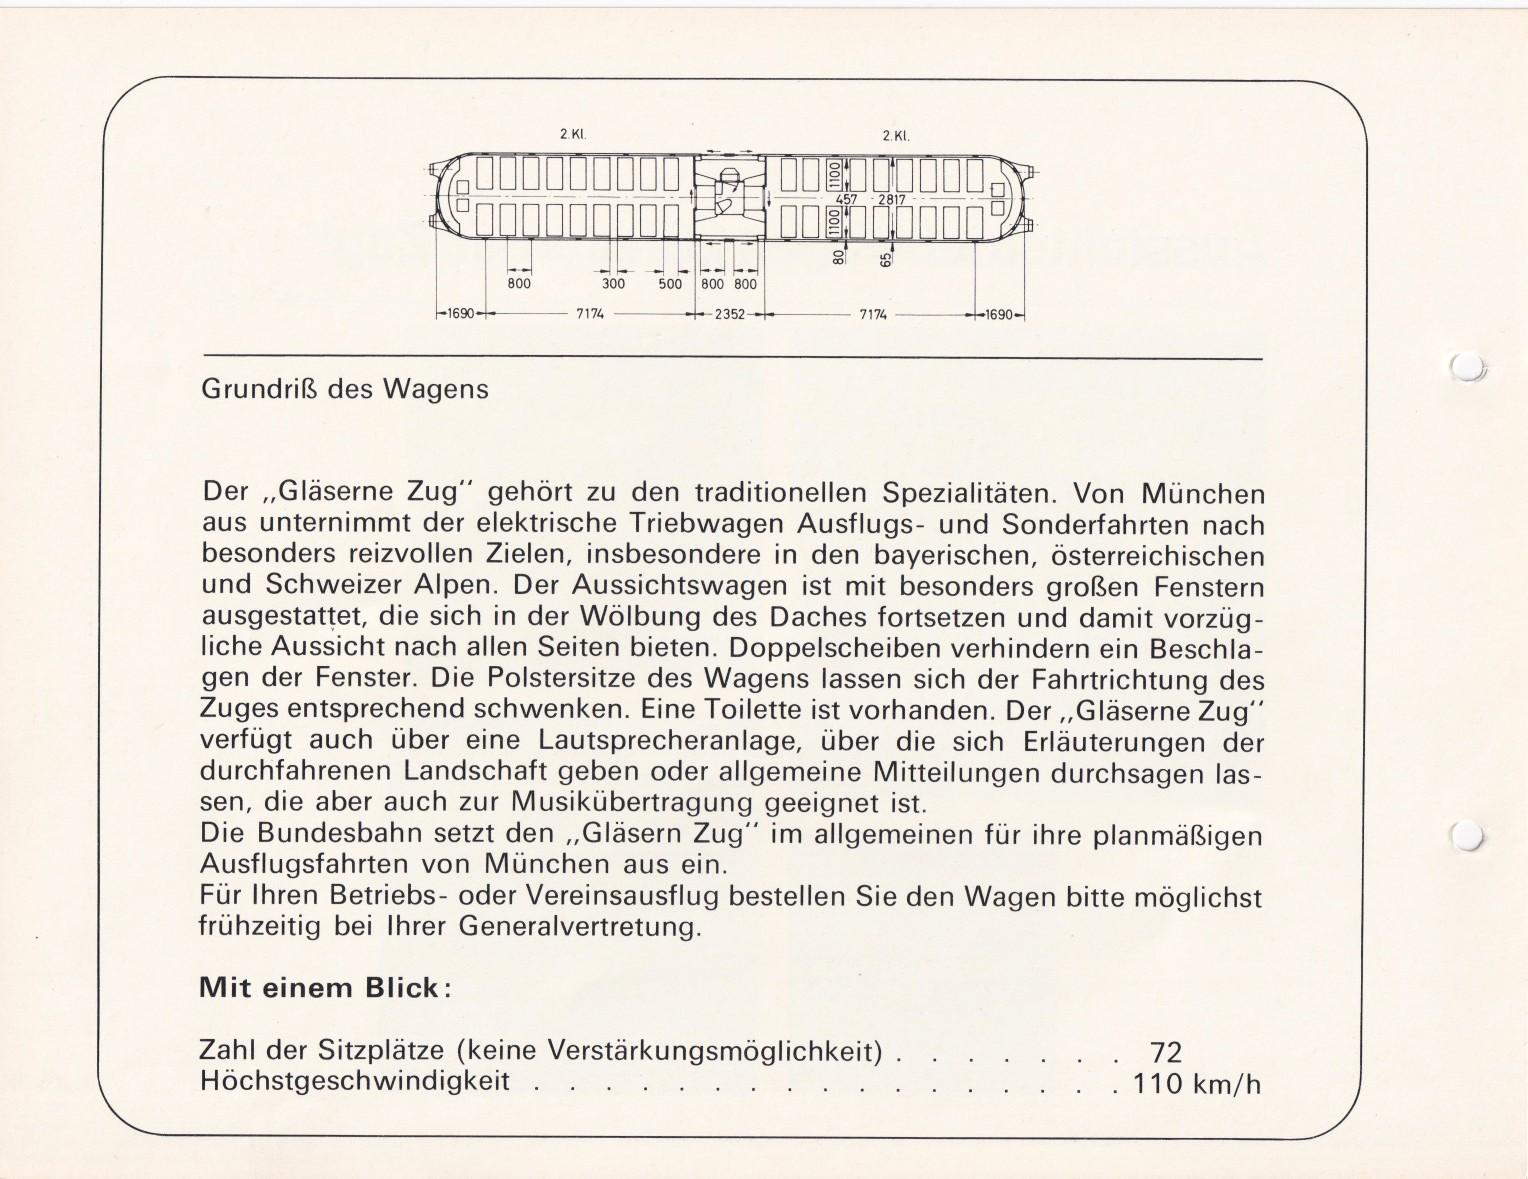 https://www.nullclub.de/hifo/Fahrzeuglexikon/Wagen45b.jpg